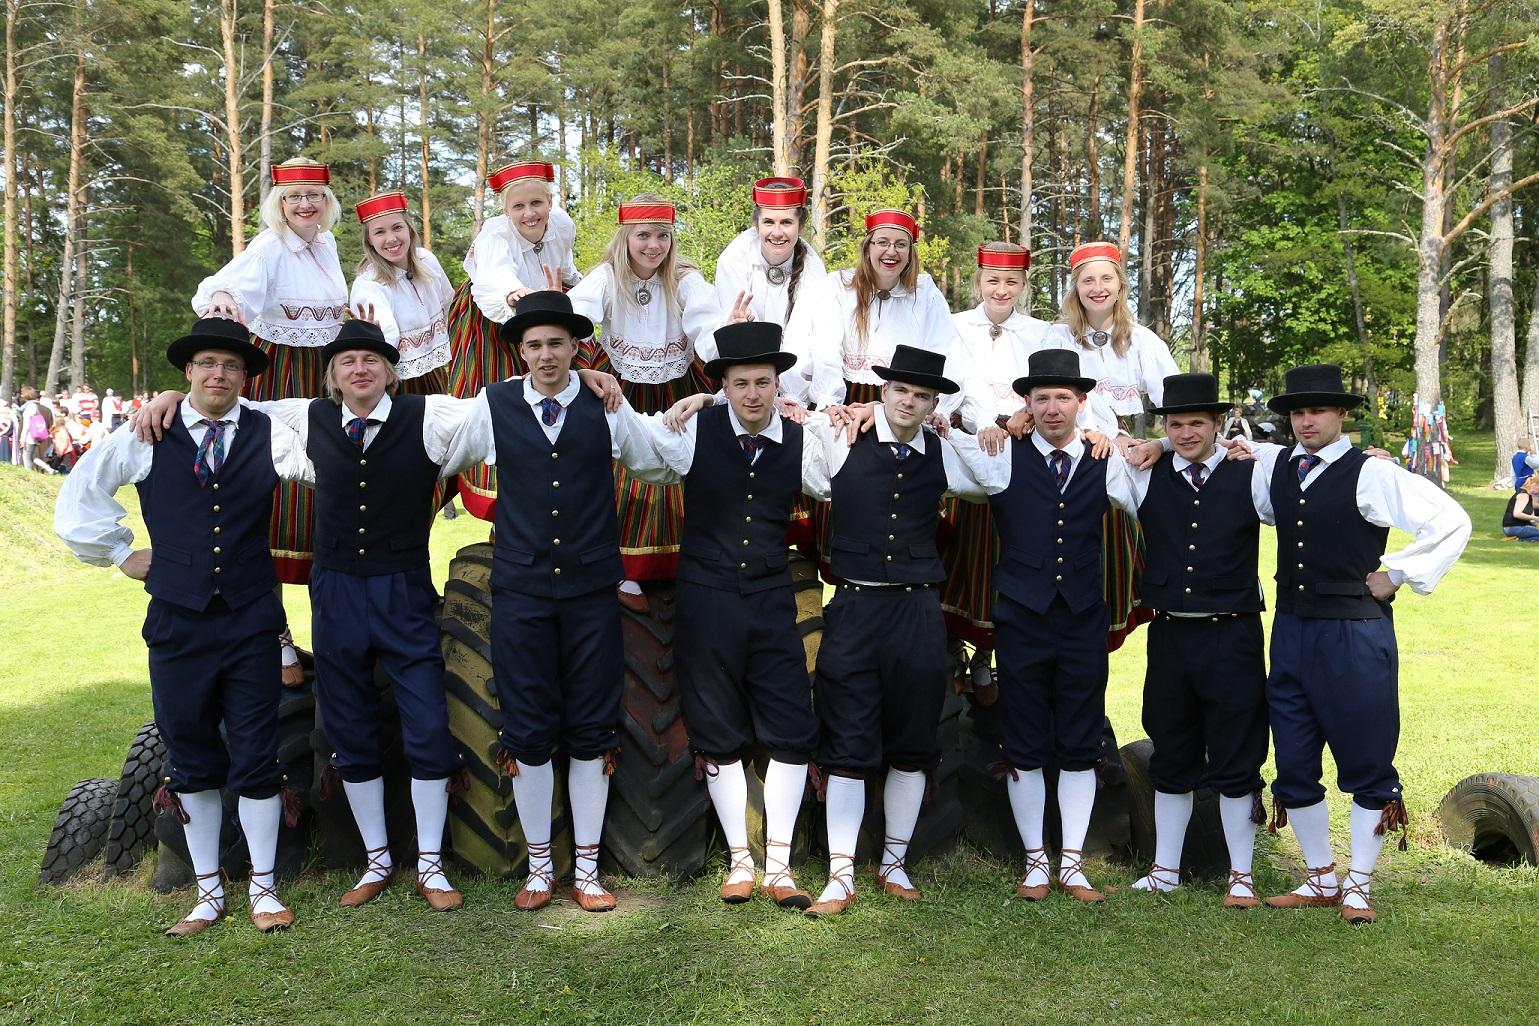 2015 05 30 Regilaul ja karuäke väiksem